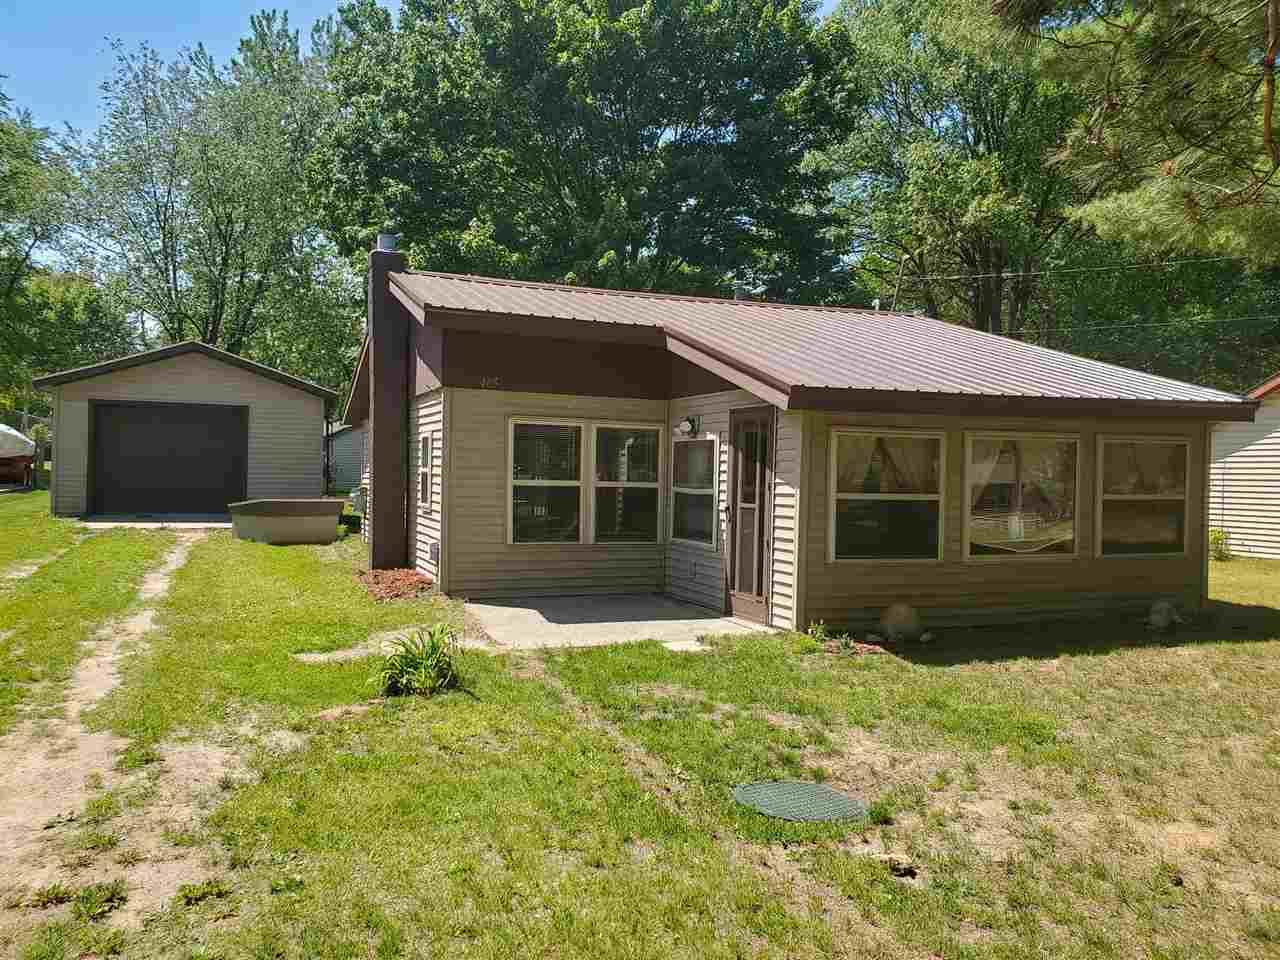 405 Hunter Dr, Lake, MI